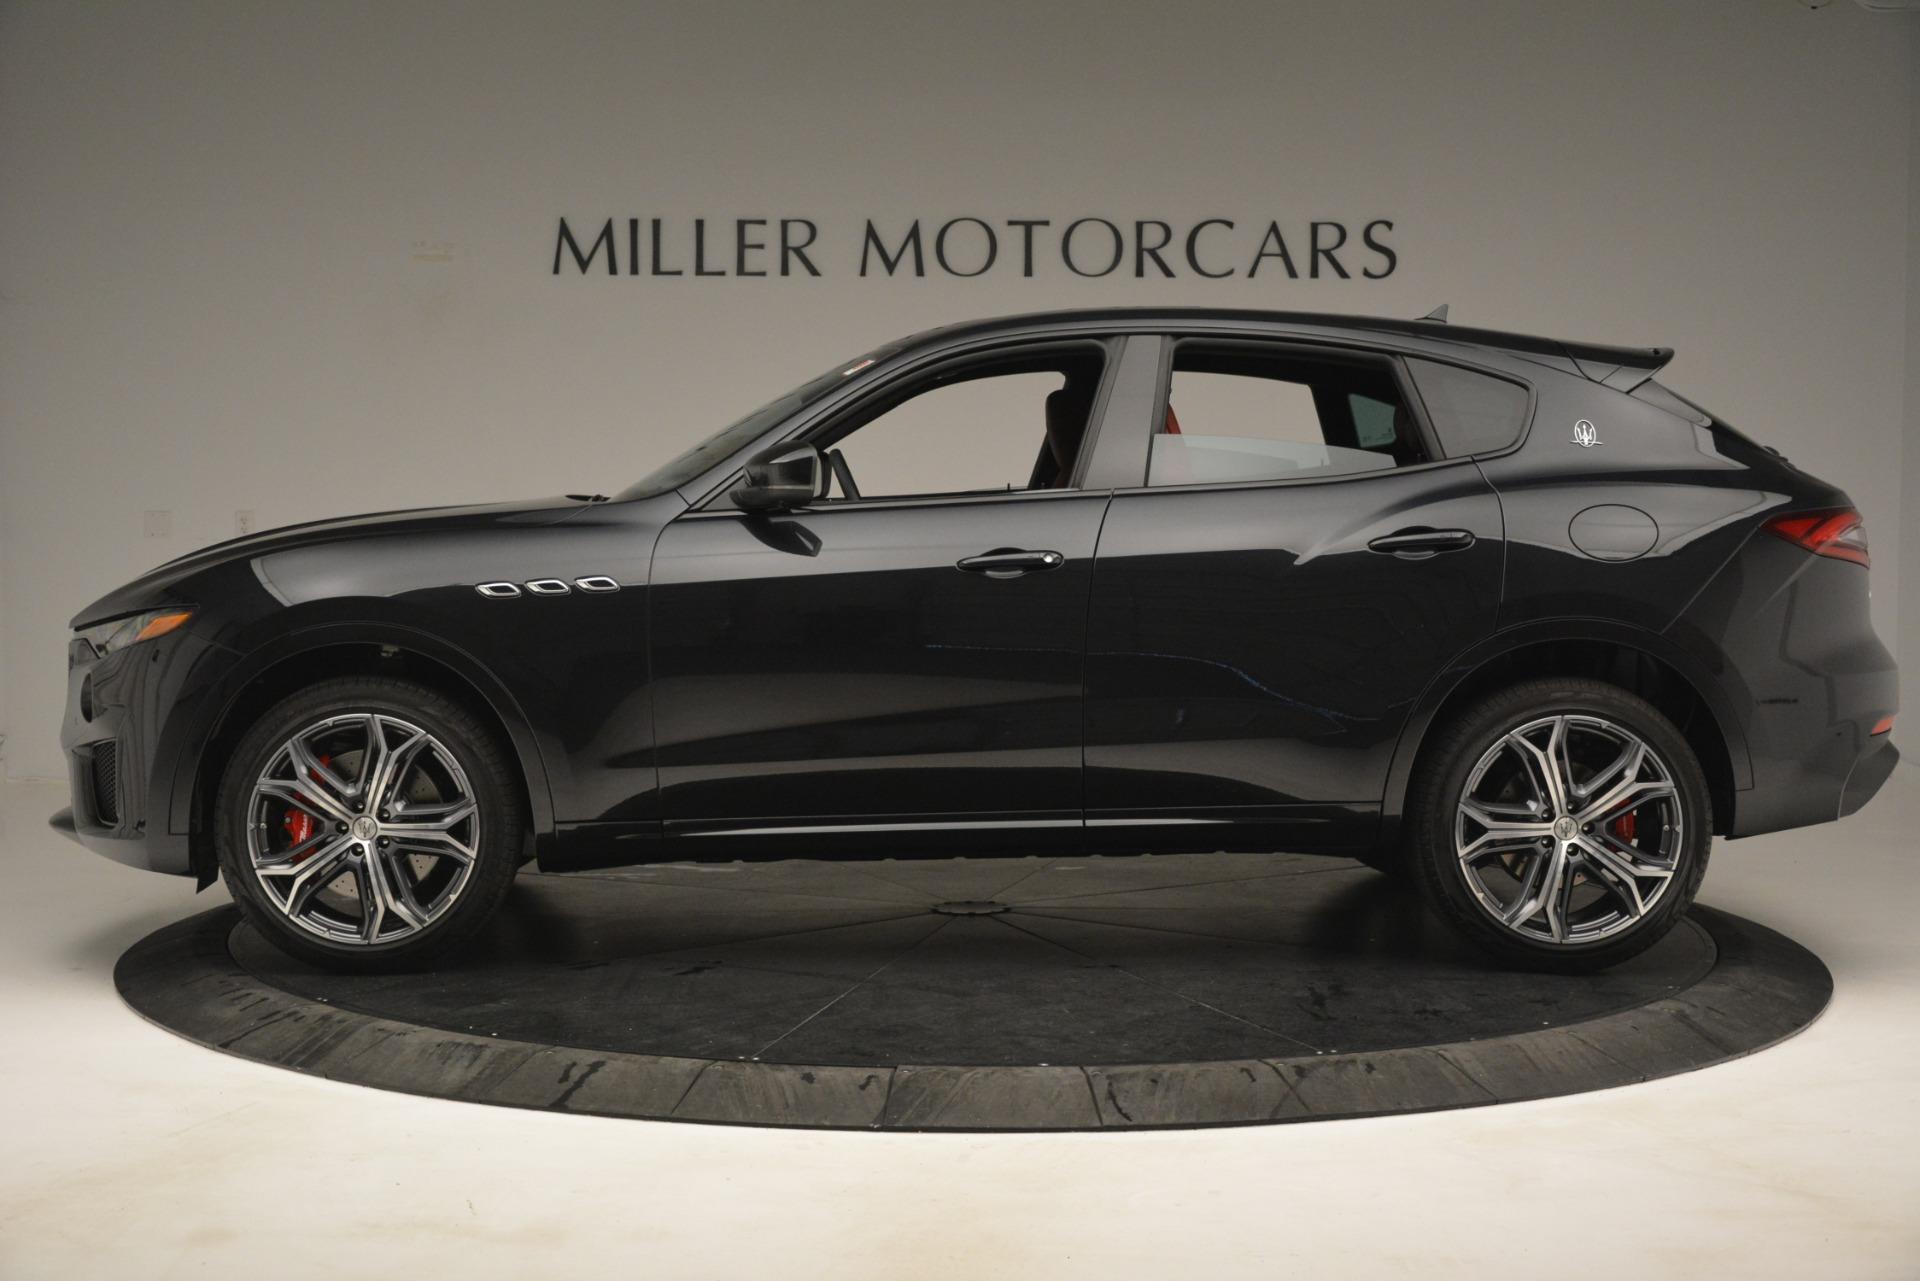 New 2019 Maserati Levante GTS For Sale In Greenwich, CT 3023_p3